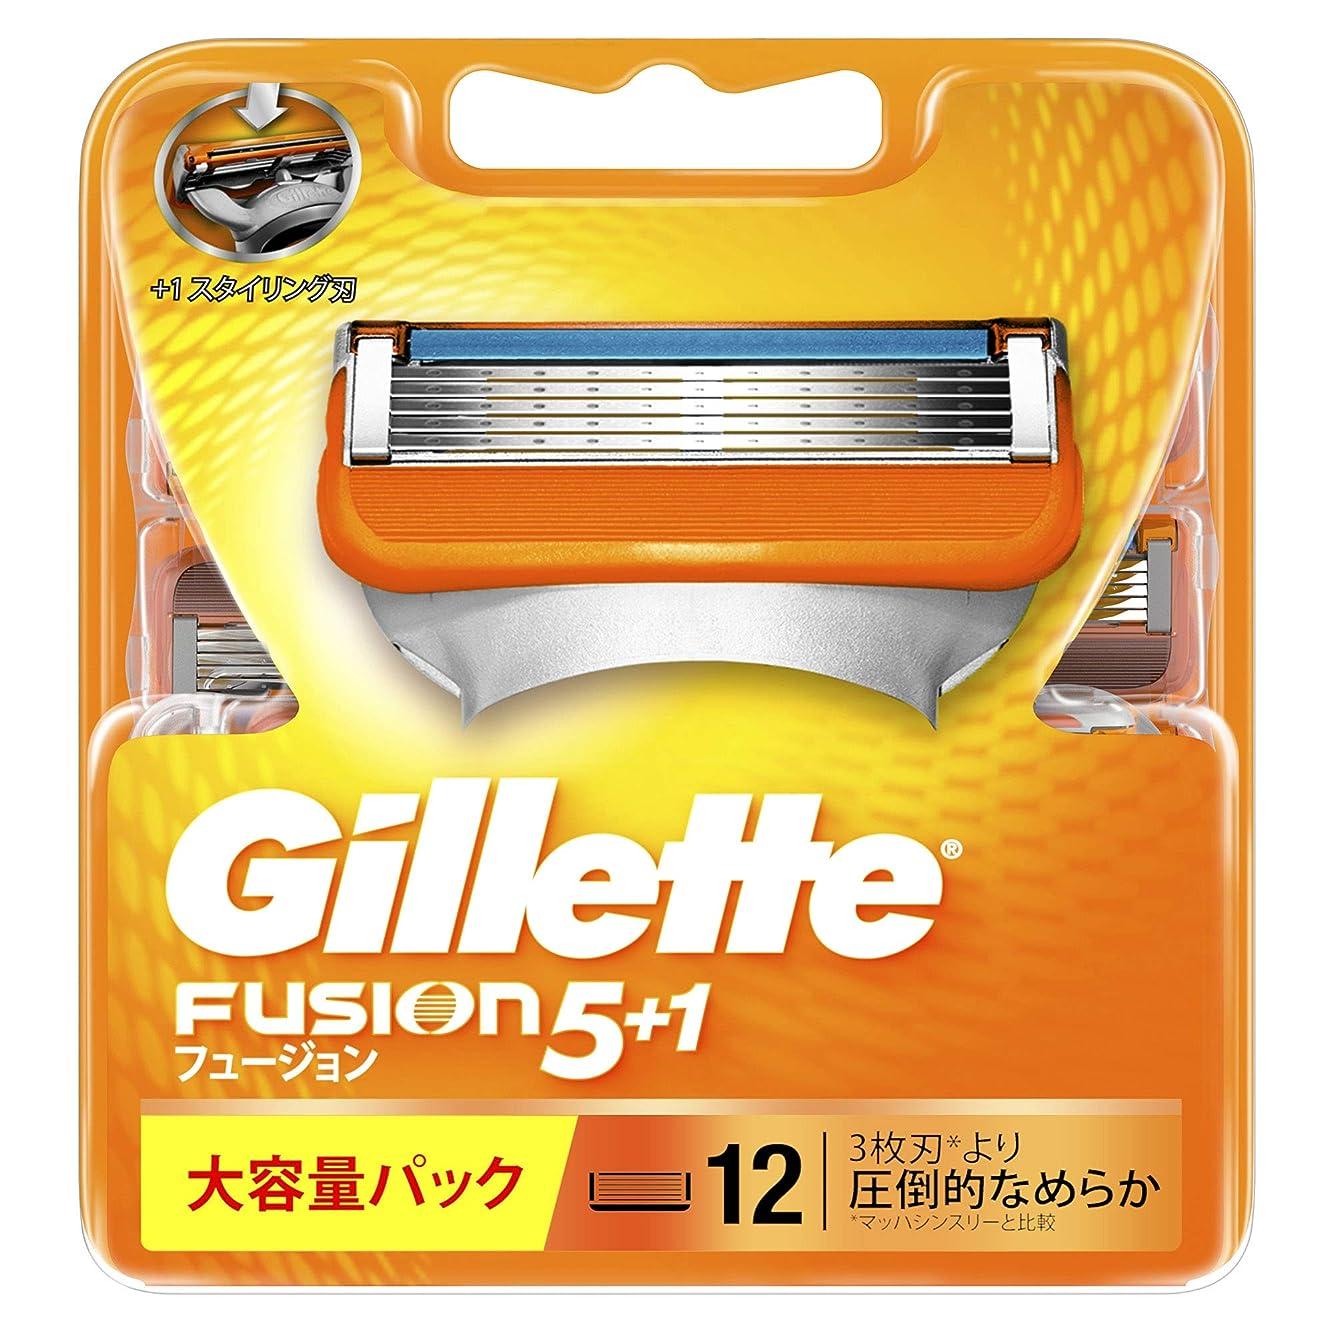 レインコート消毒する液体ジレット フュージョン5+1 マニュアル 髭剃り 替刃 12コ入